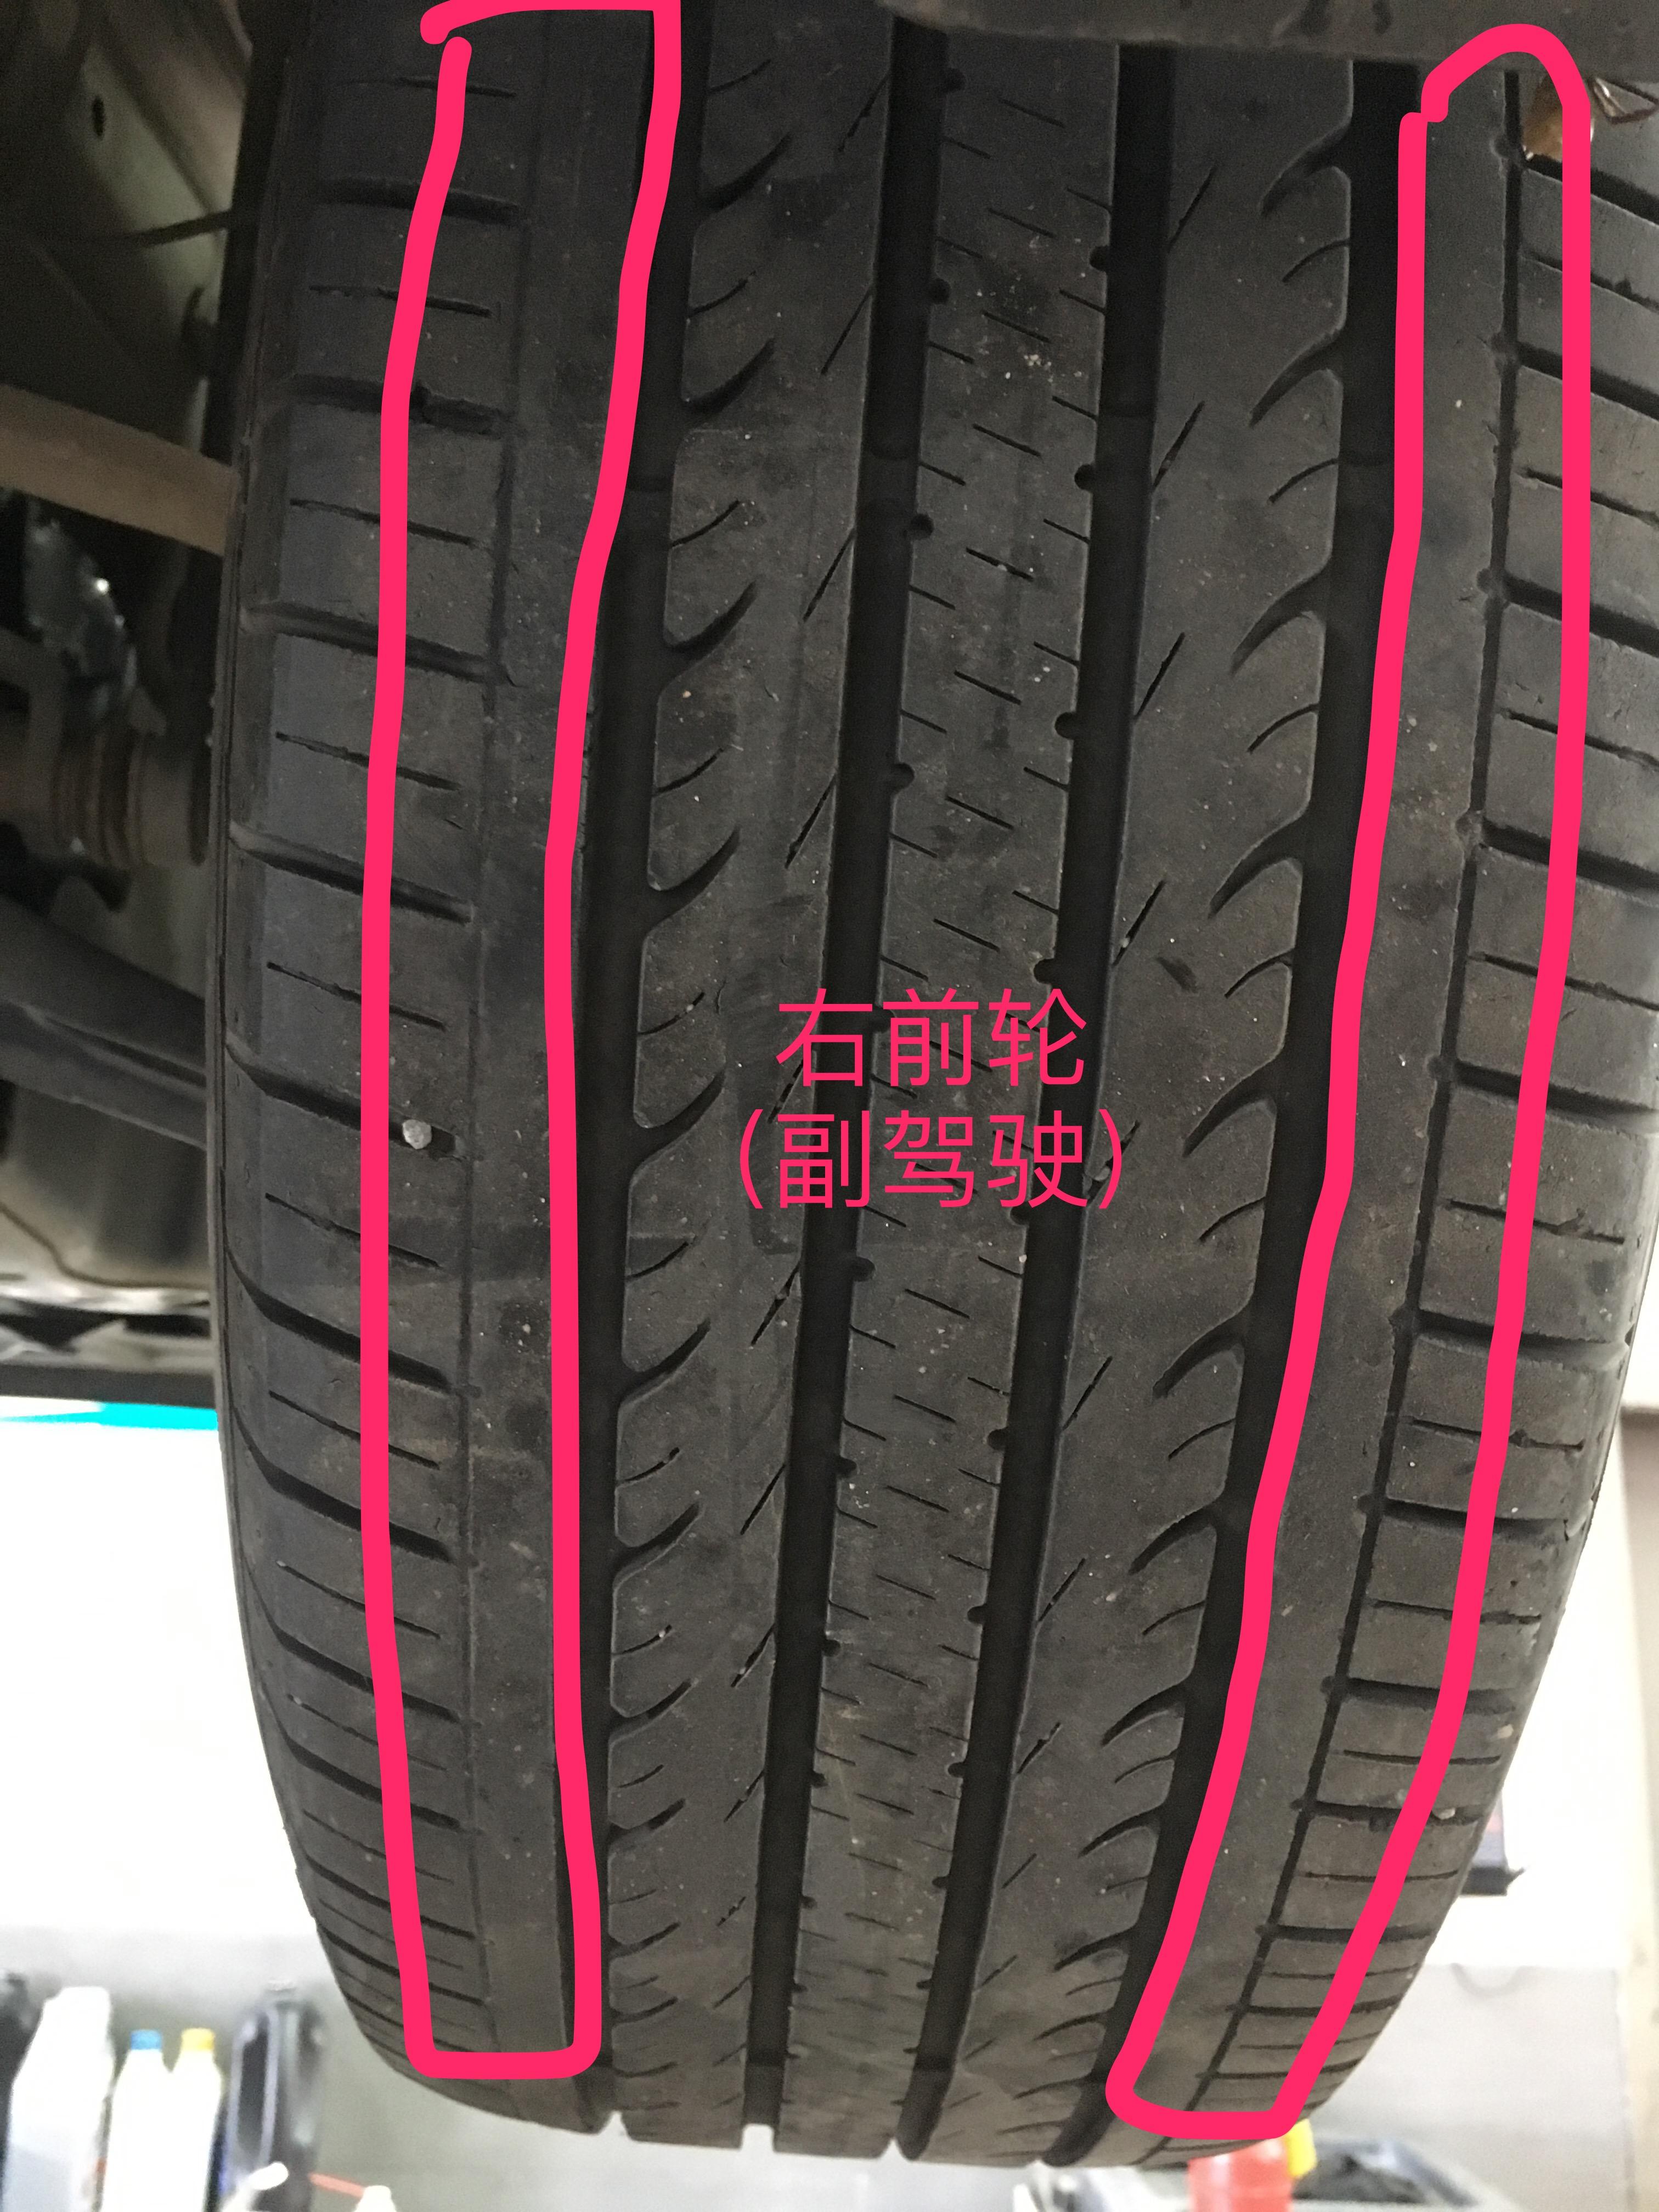 上汽通用-英朗 后轮吃胎严重